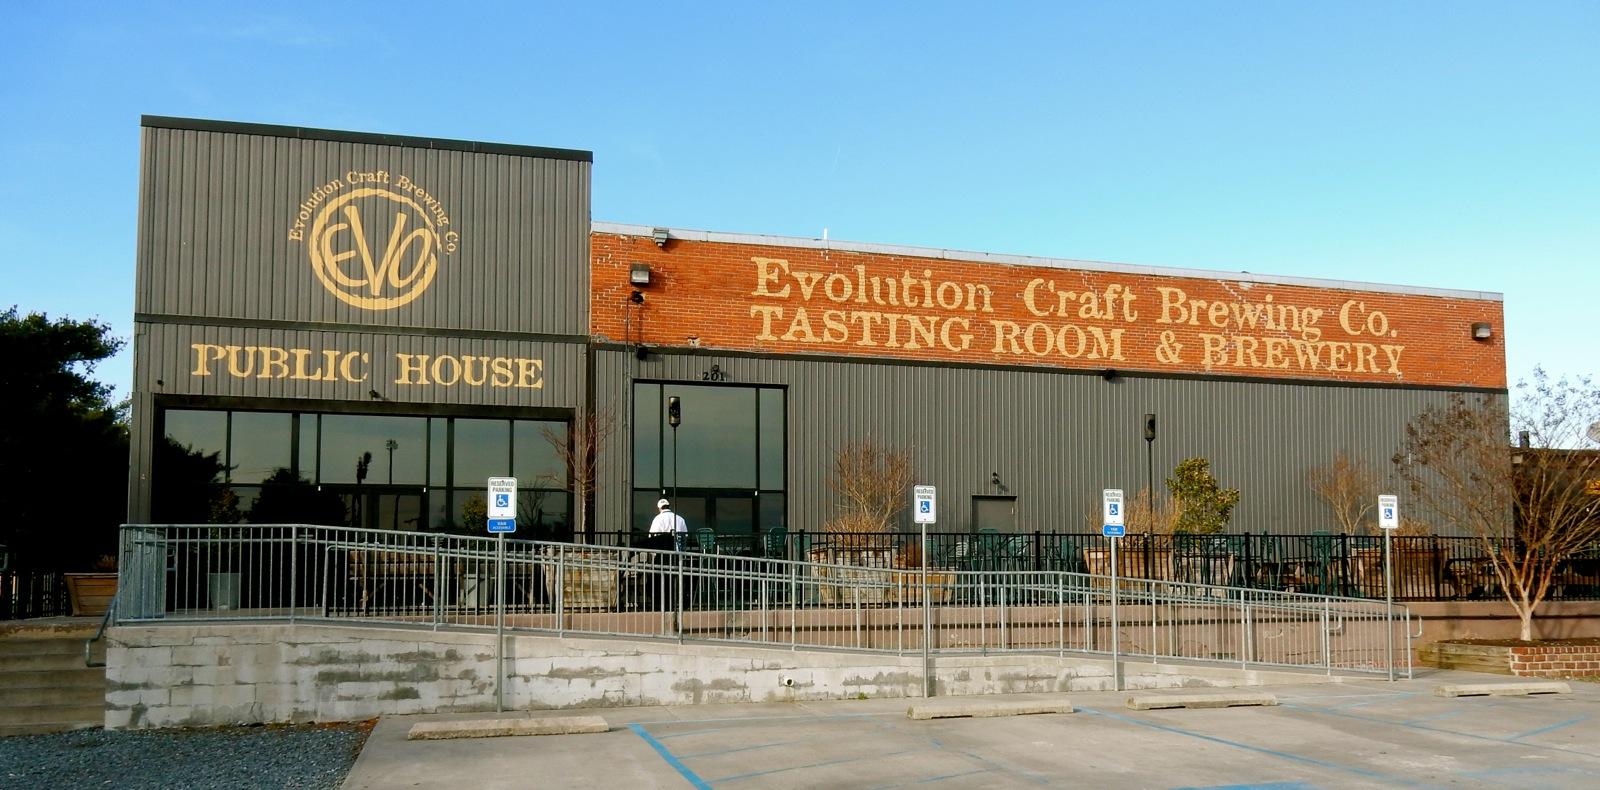 Evolution Craft Brewing